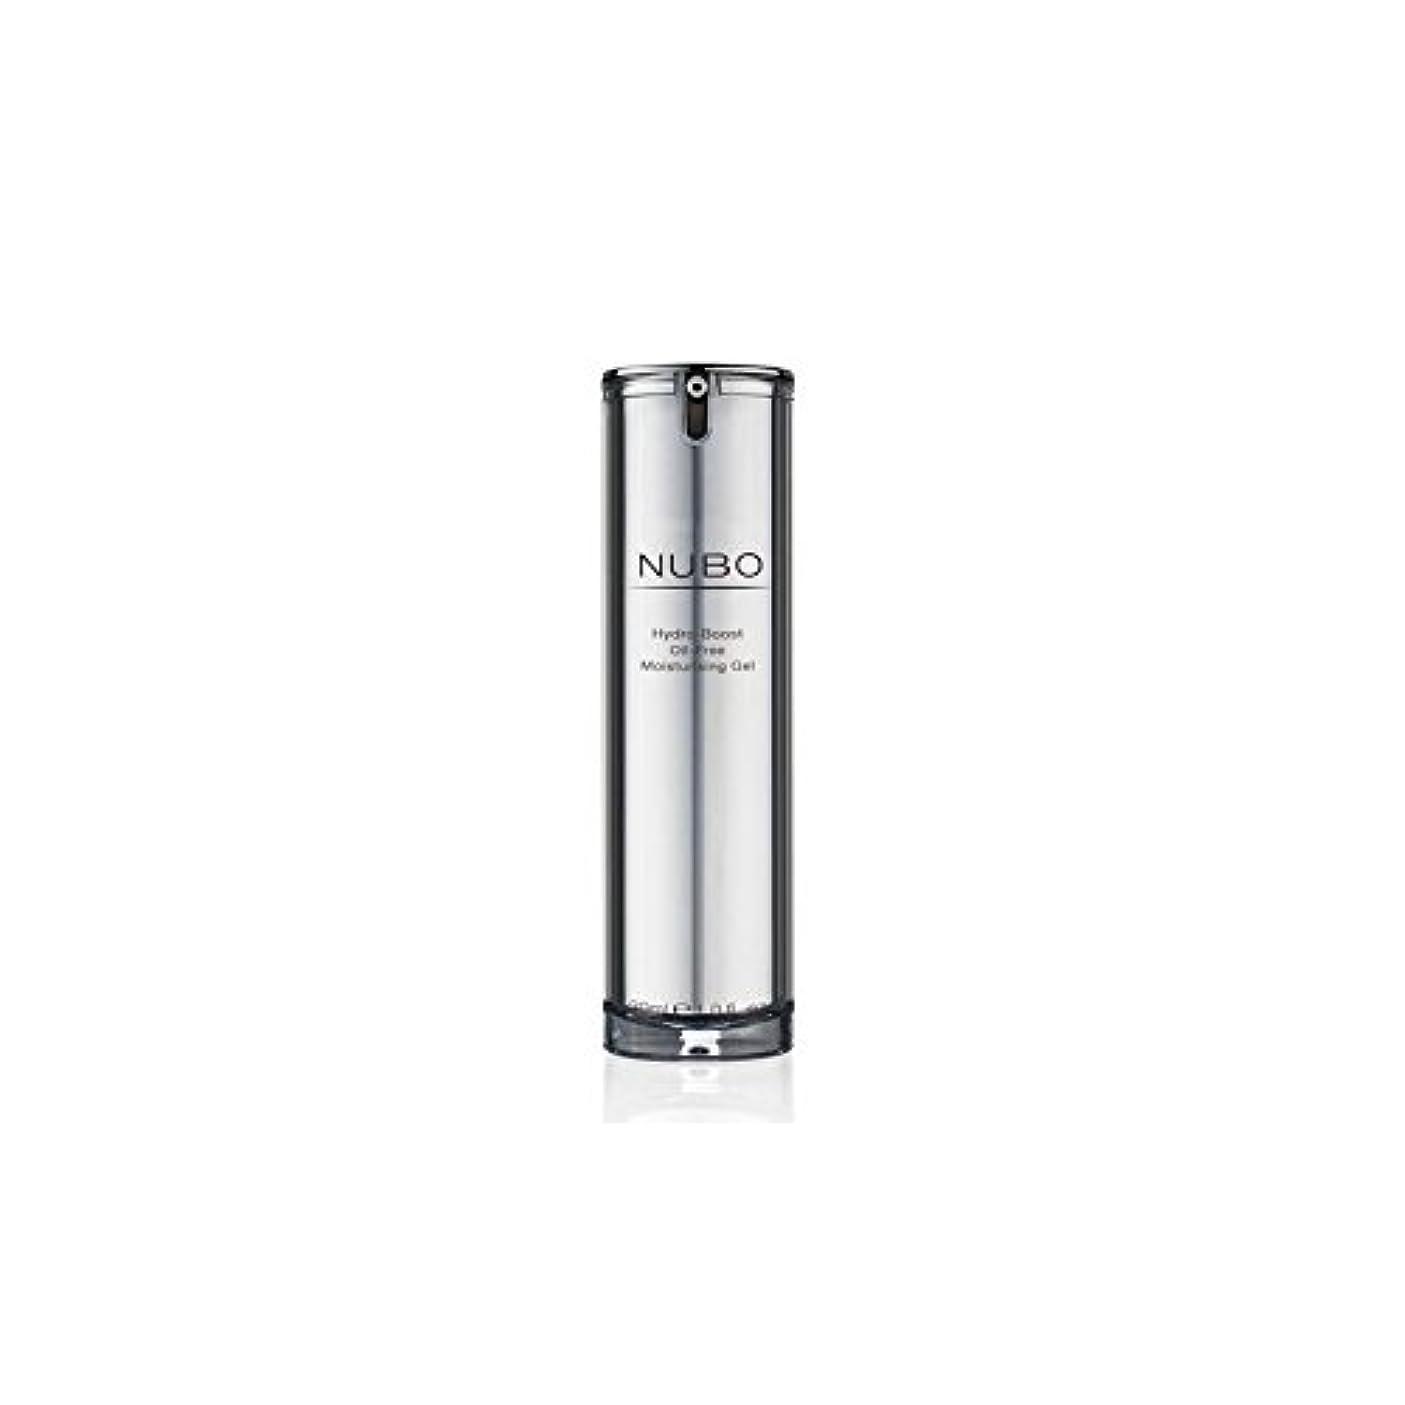 静けさ桁拘束水力ブーストオイルフリーの保湿ジェル(30ミリリットル) x4 - Nubo Hydro Boost Oil Free Moisturising Gel (30ml) (Pack of 4) [並行輸入品]